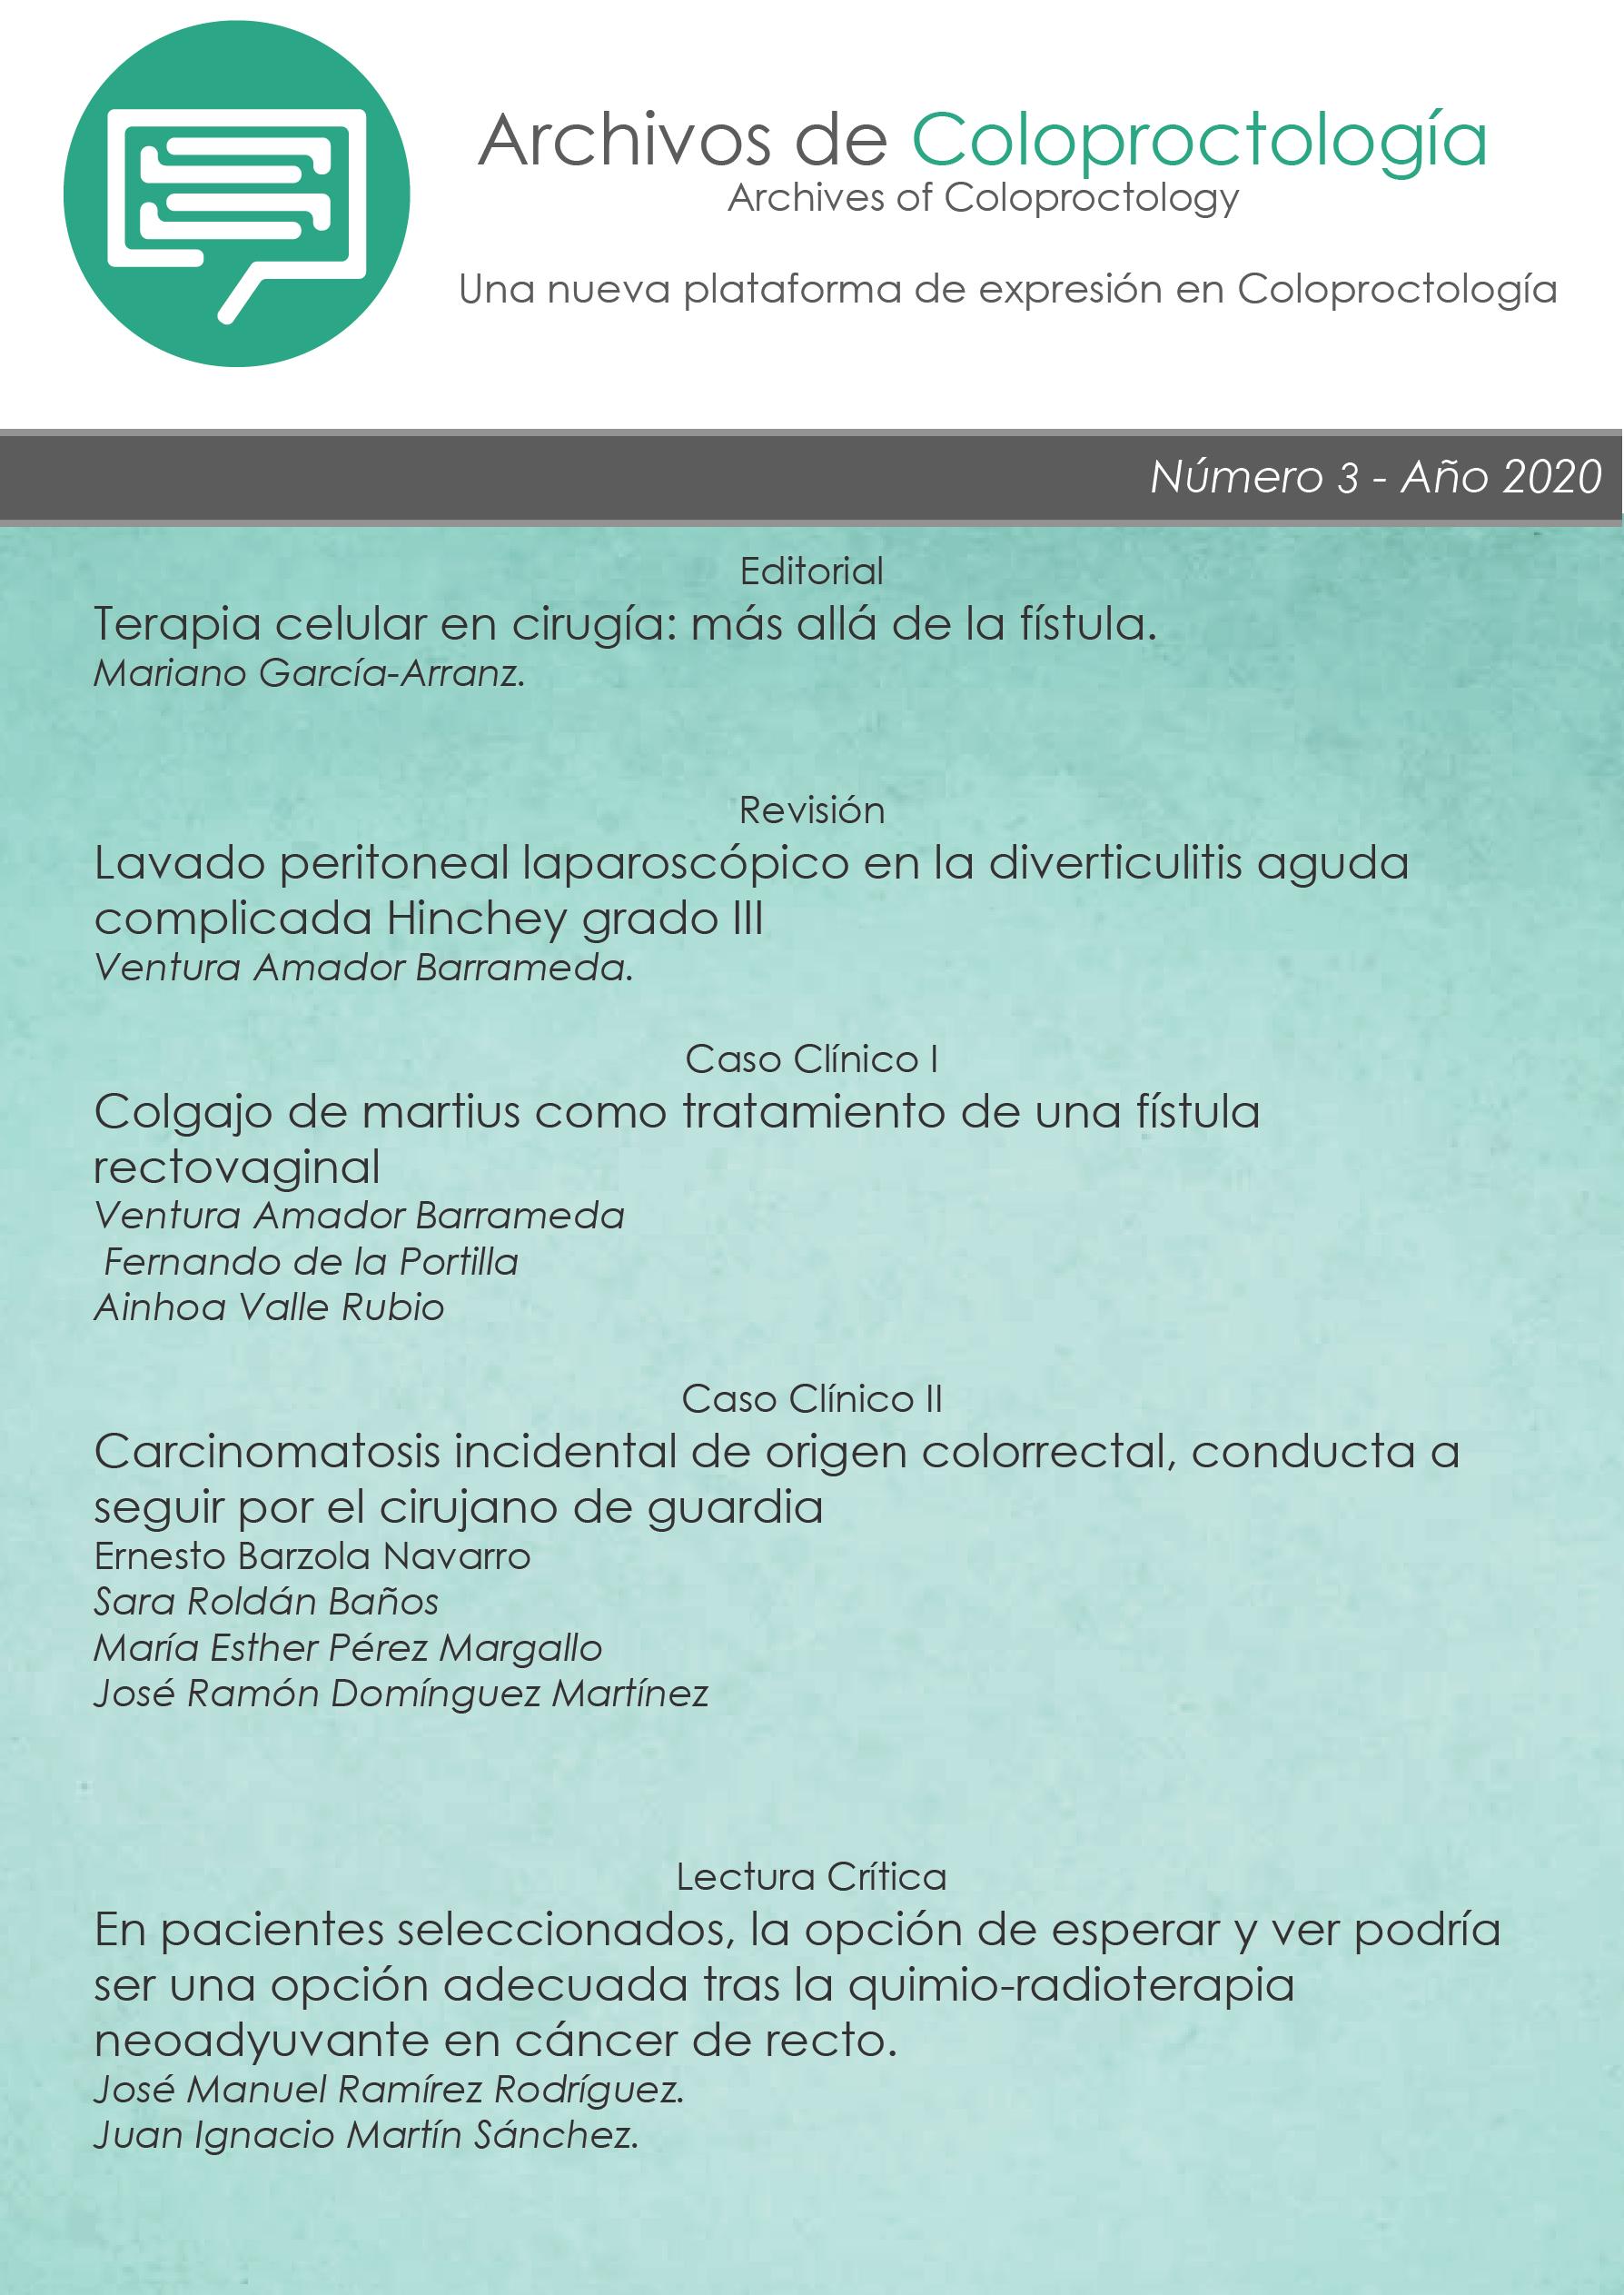 Ver Vol. 3 Núm. 3 (2020): Archivos de Coloproctología